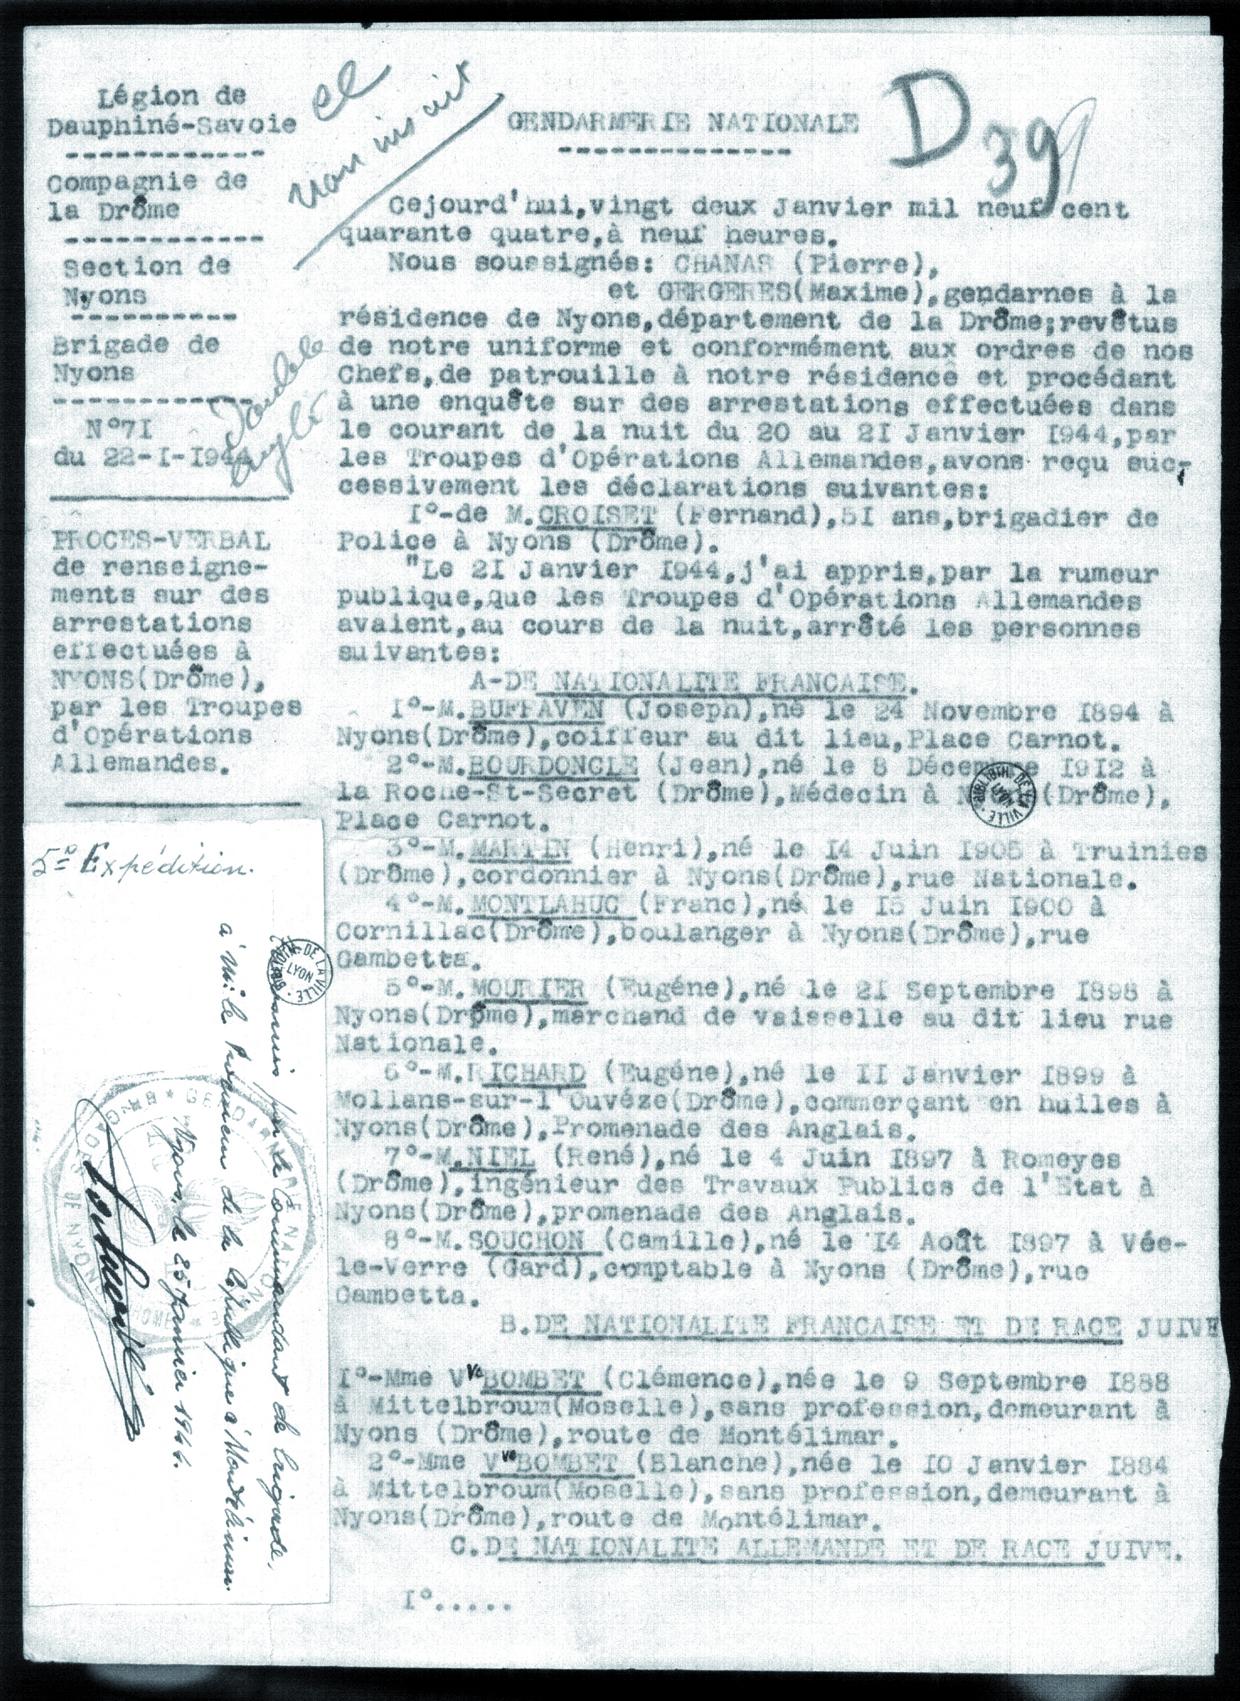 Lazar08-3808W342 (Document officiel)